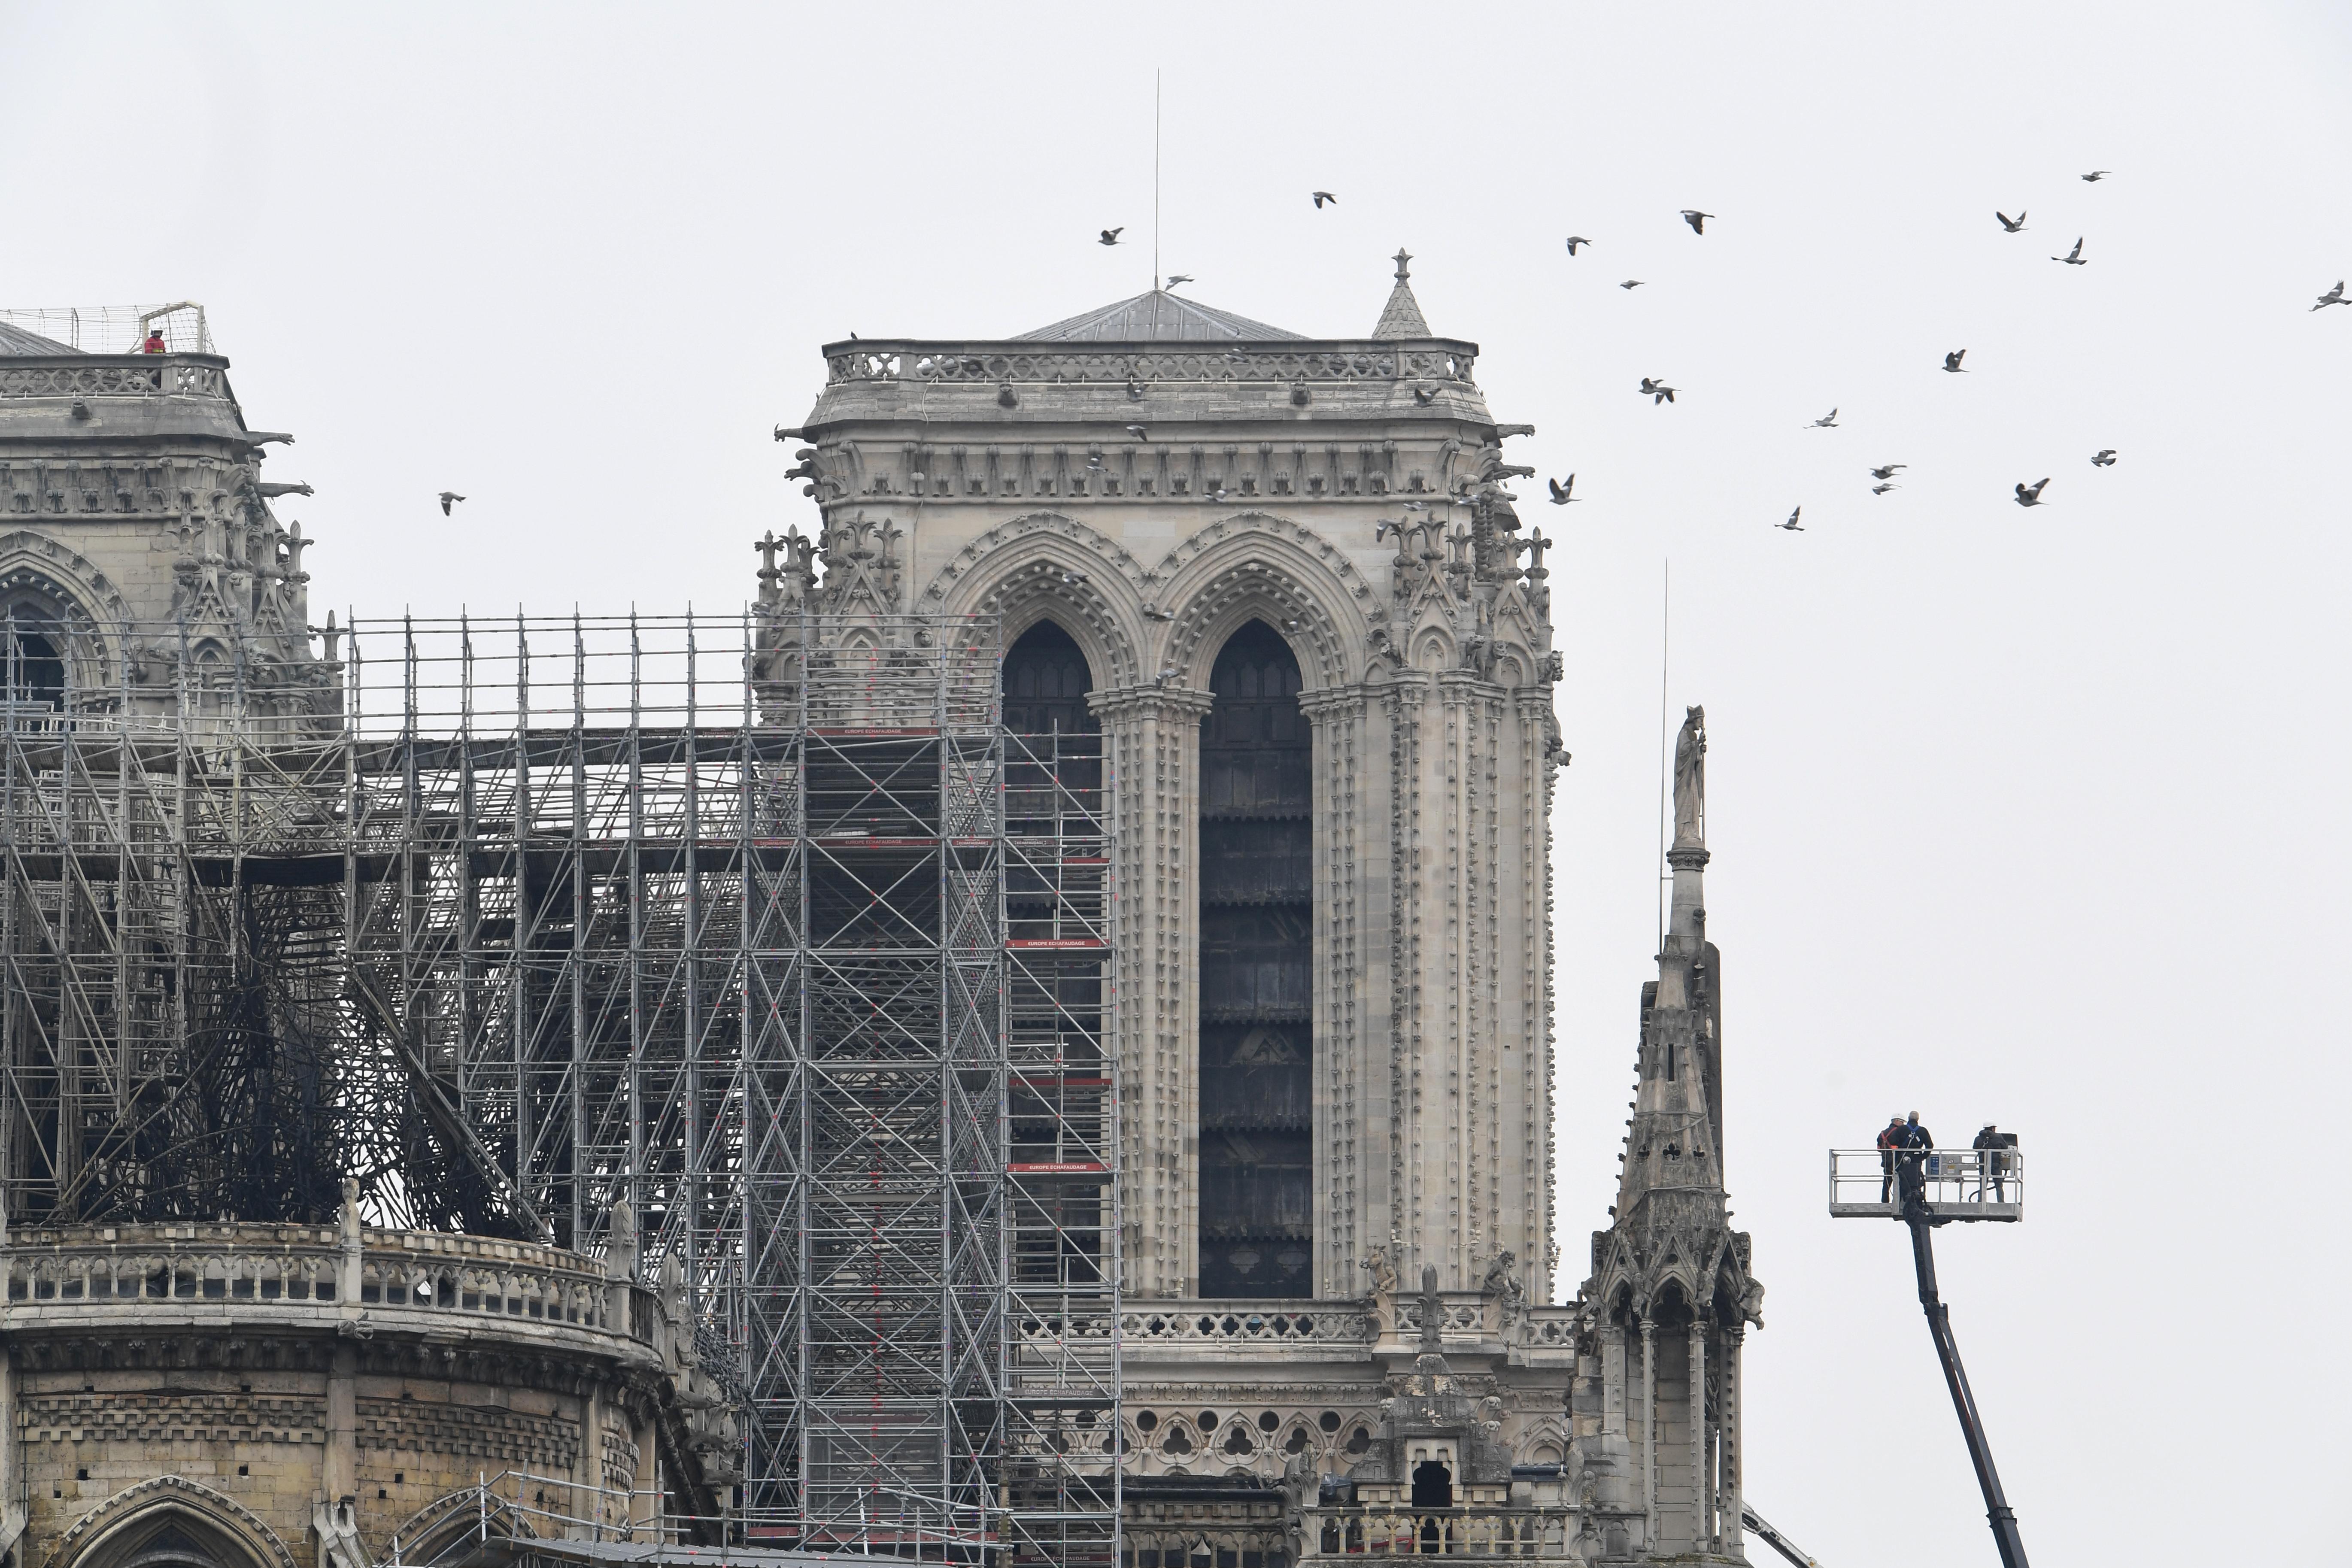 رجال الإطفاء يؤمنون كاتدرائية نوتردام بعد إطفاء الحريق - 16 نيسان/أبريل 2019